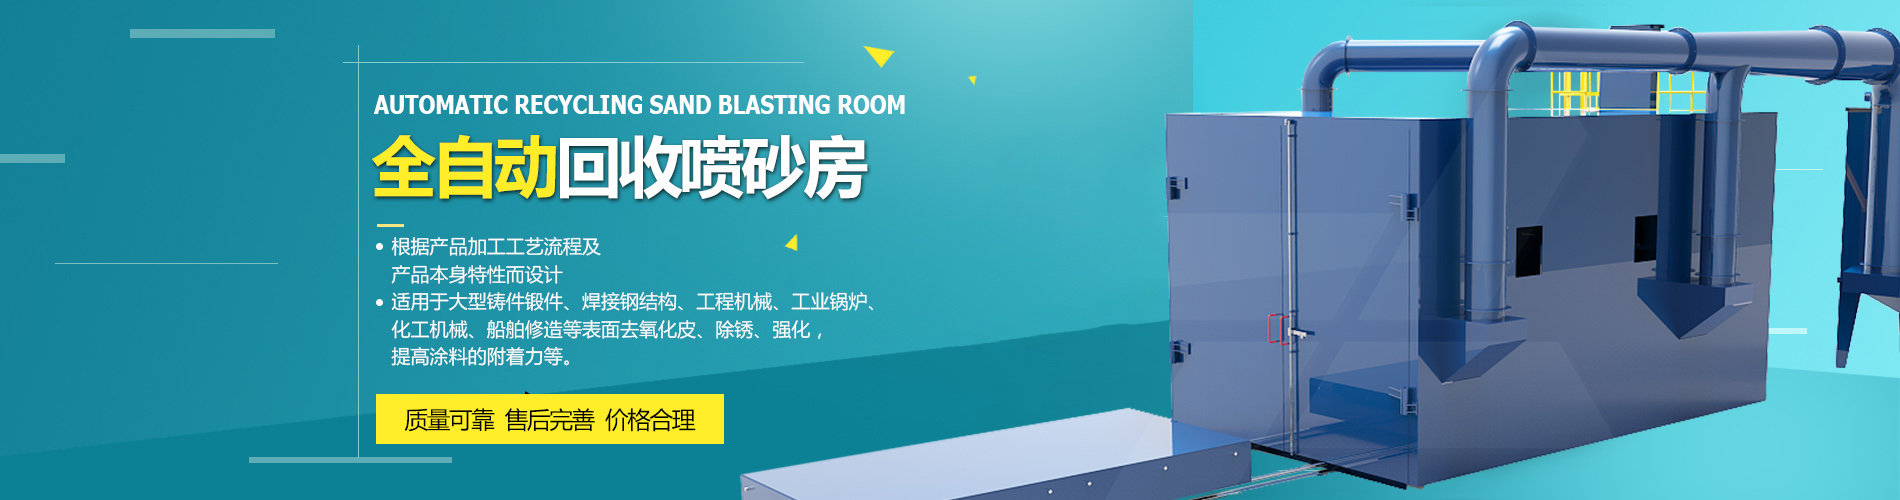 摩dengping台deng录重工-抛丸机生产chang家